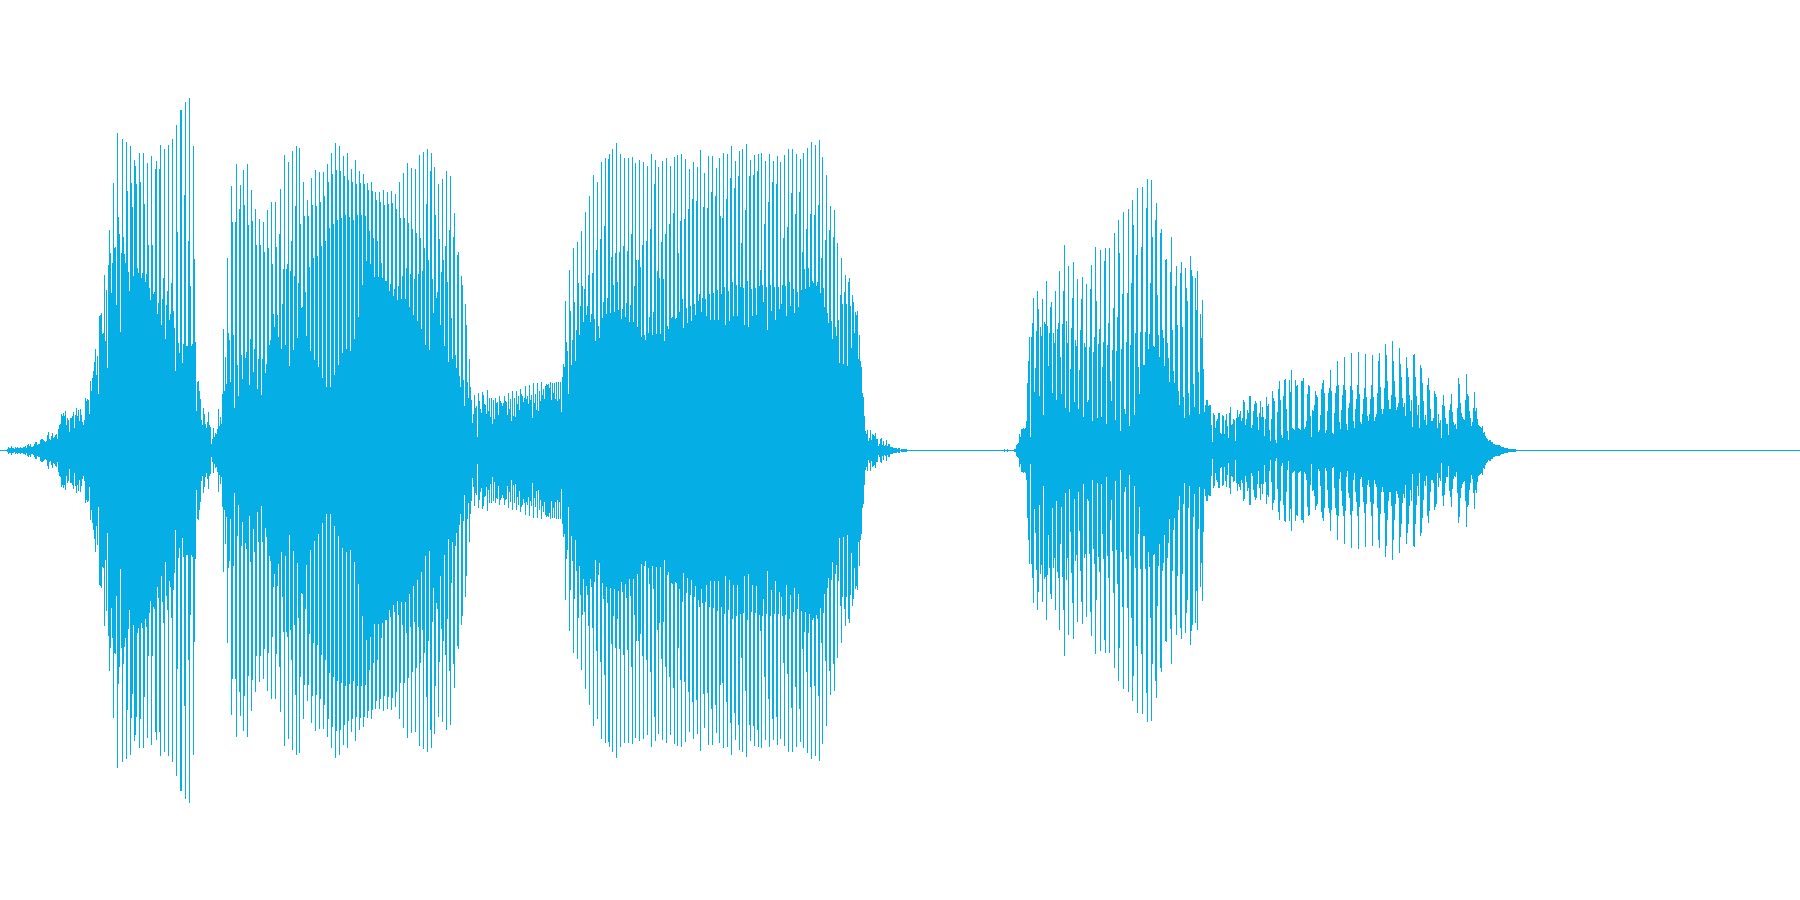 km(キロメートル)の再生済みの波形